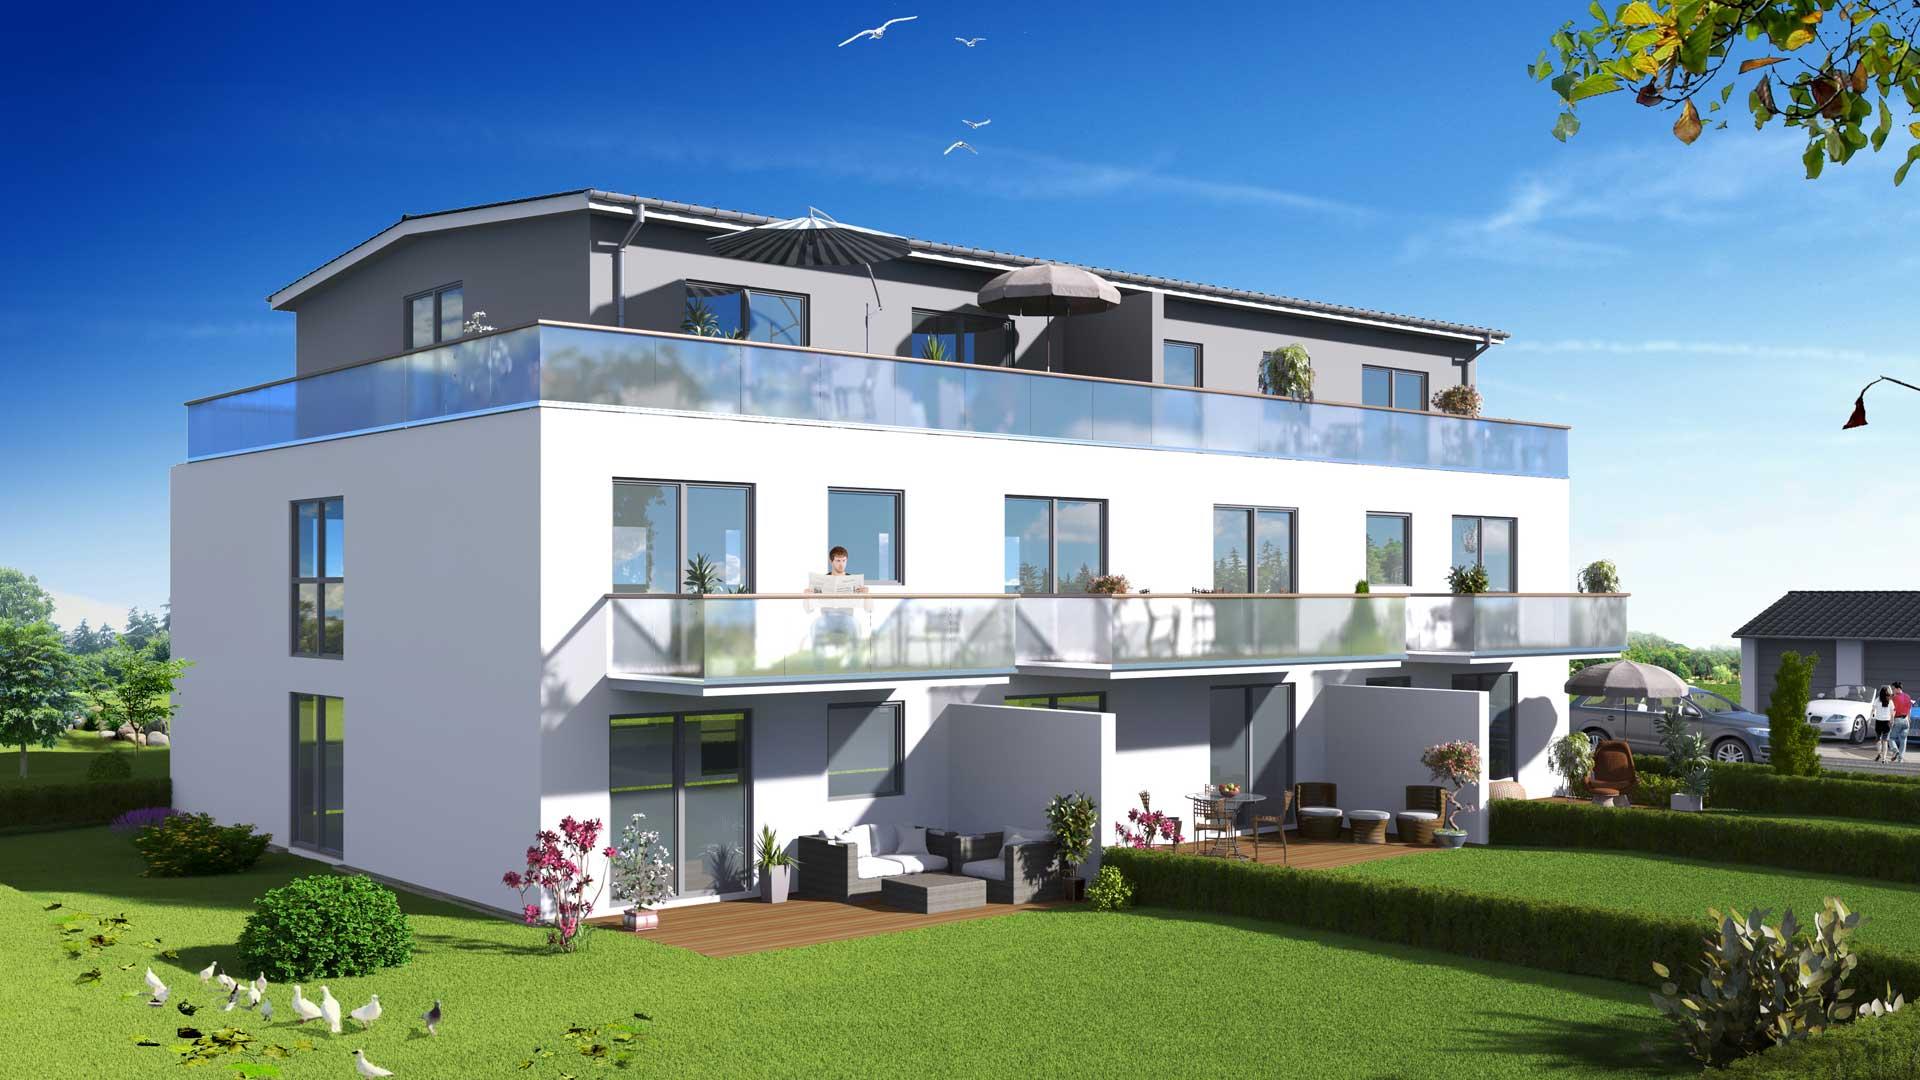 Immobilien in Cham (Kreis), Roding, Regensburg und Schwandorf